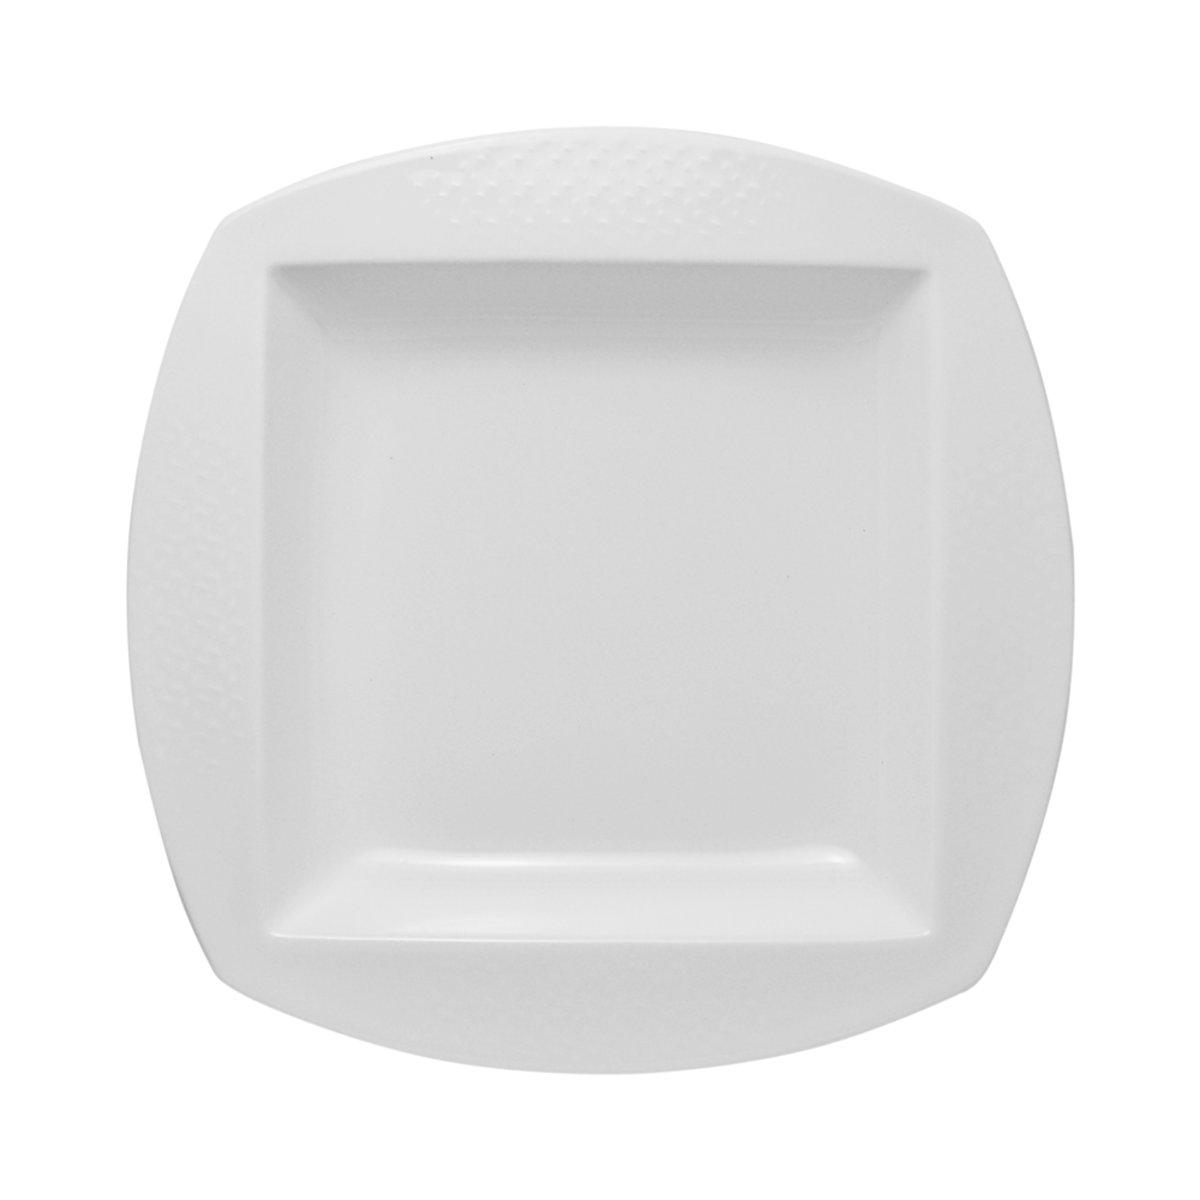 Juego Platos Cocina Soperos Porcelana 6 Piezas Crown Baccara